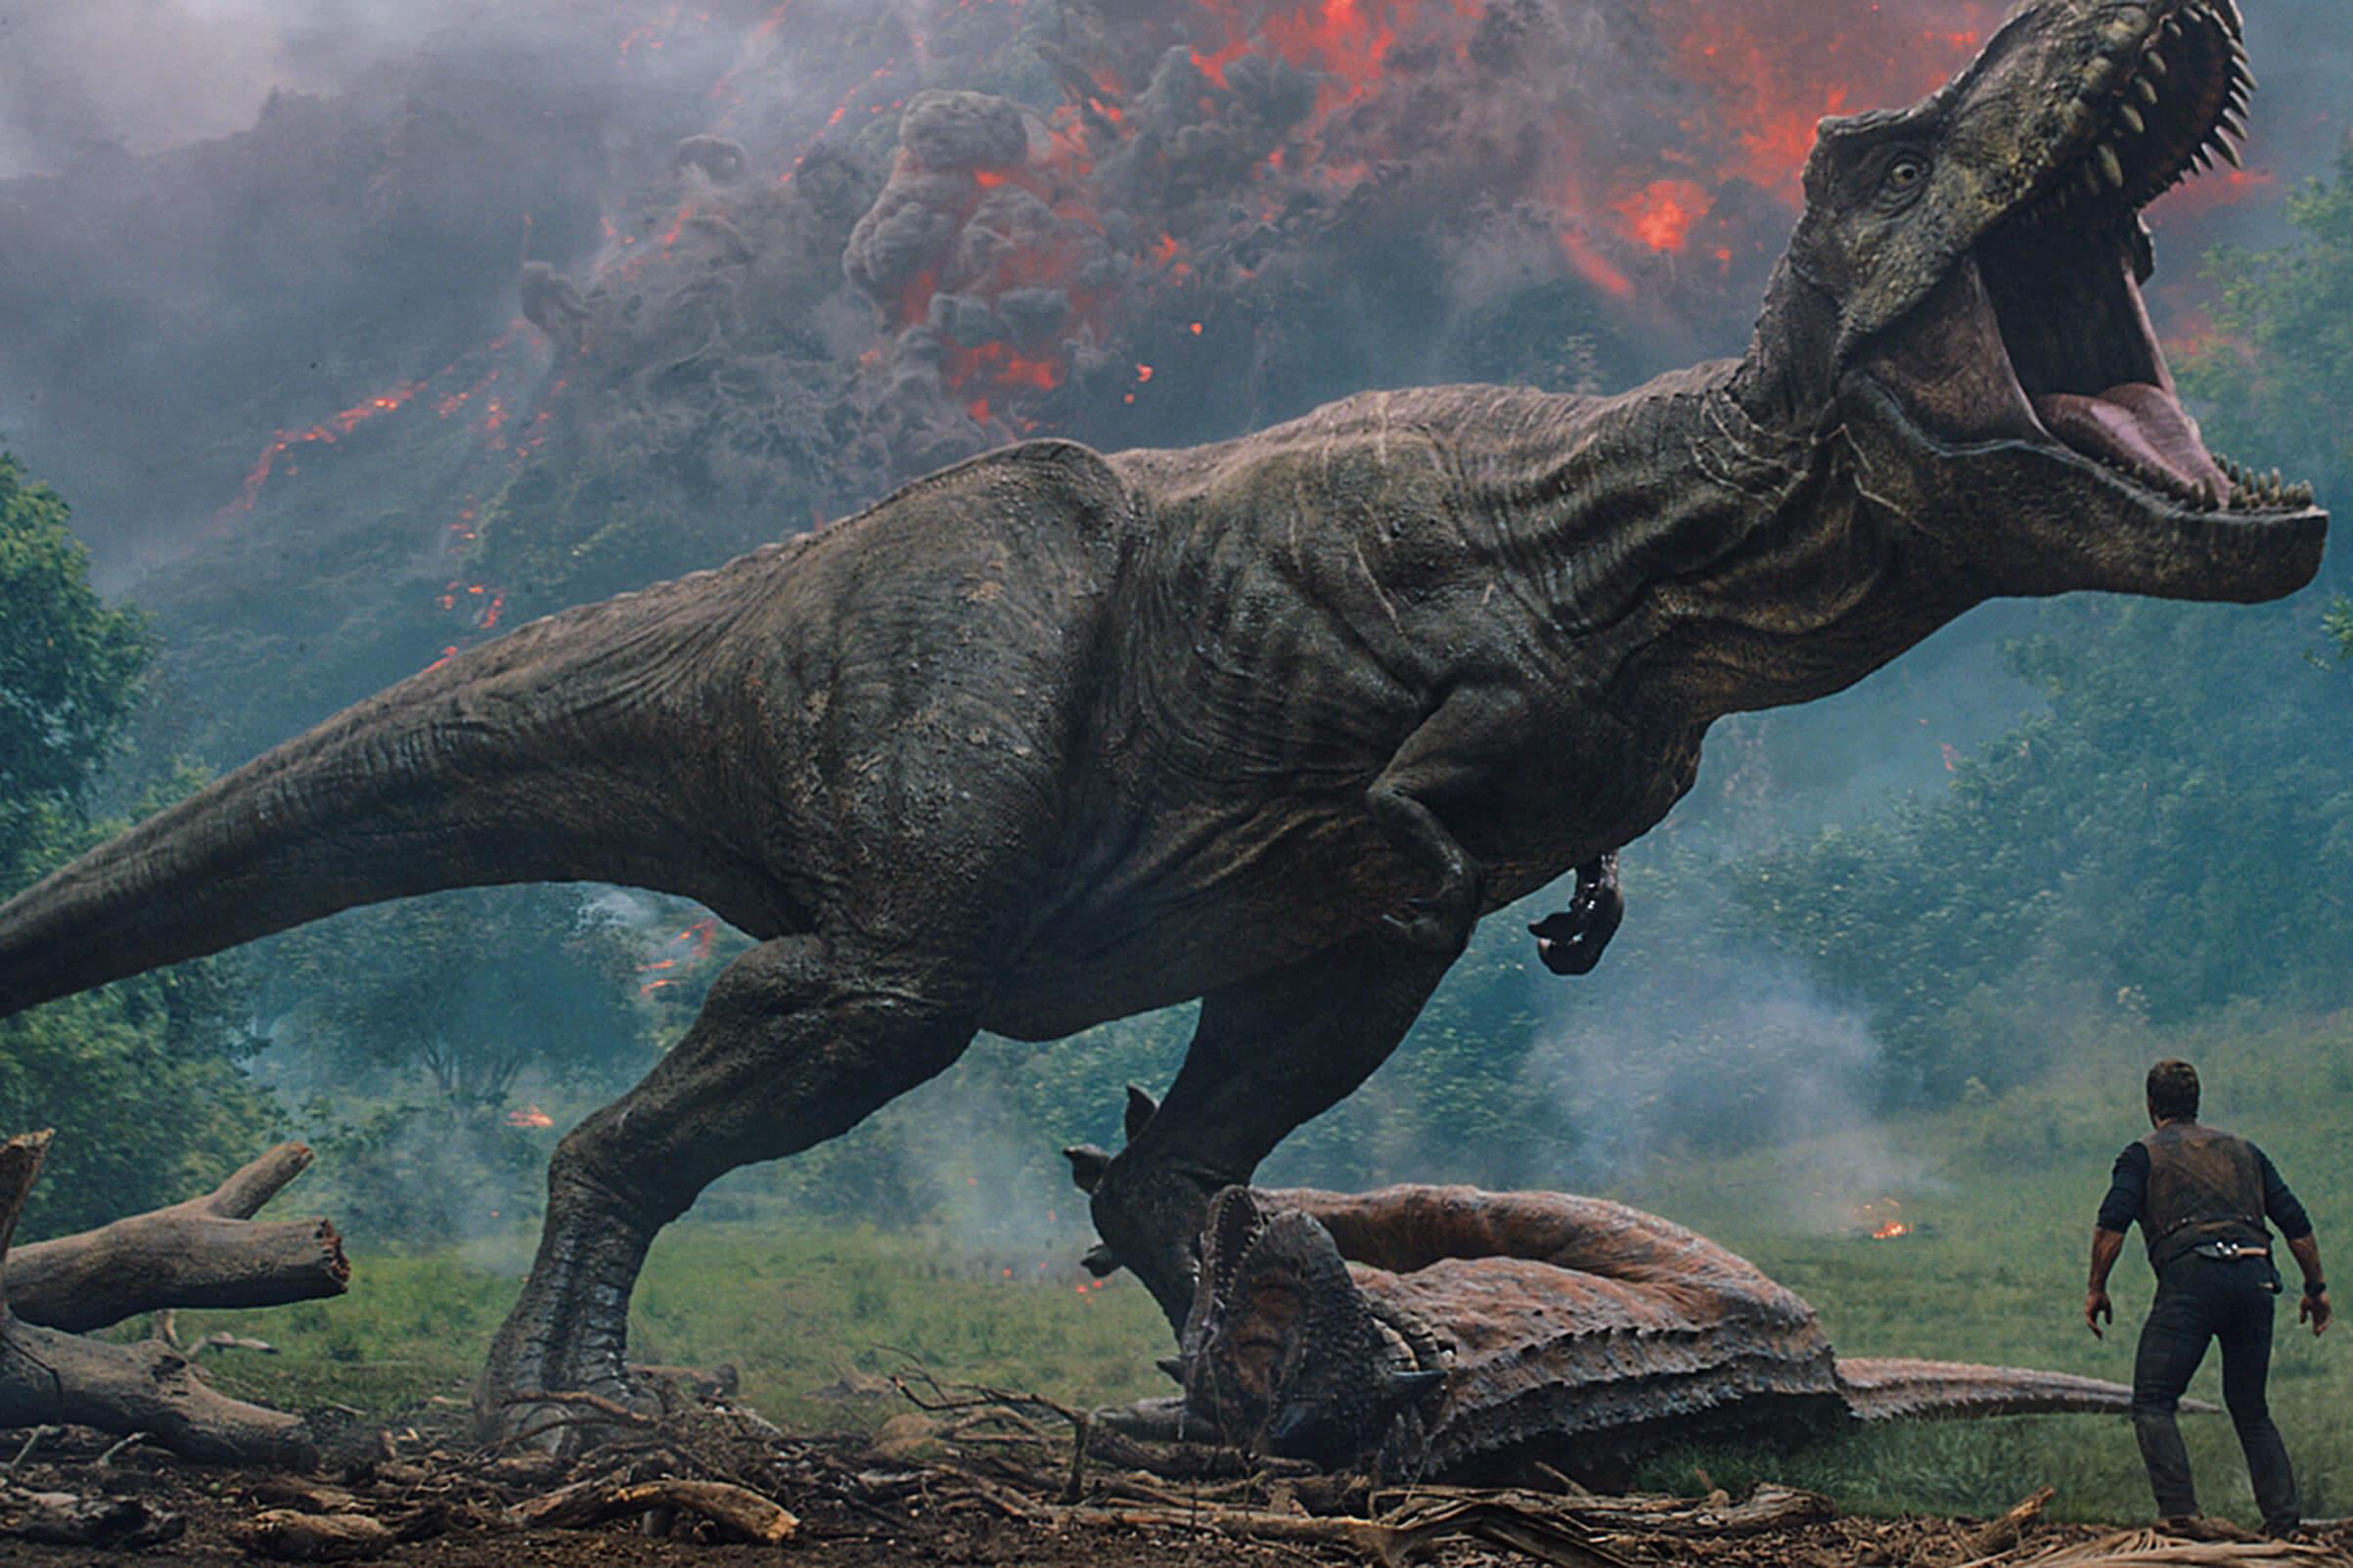 《侏羅紀公園》《侏羅紀世界》系列中的暴龍 Rexy 的真名終於公開!